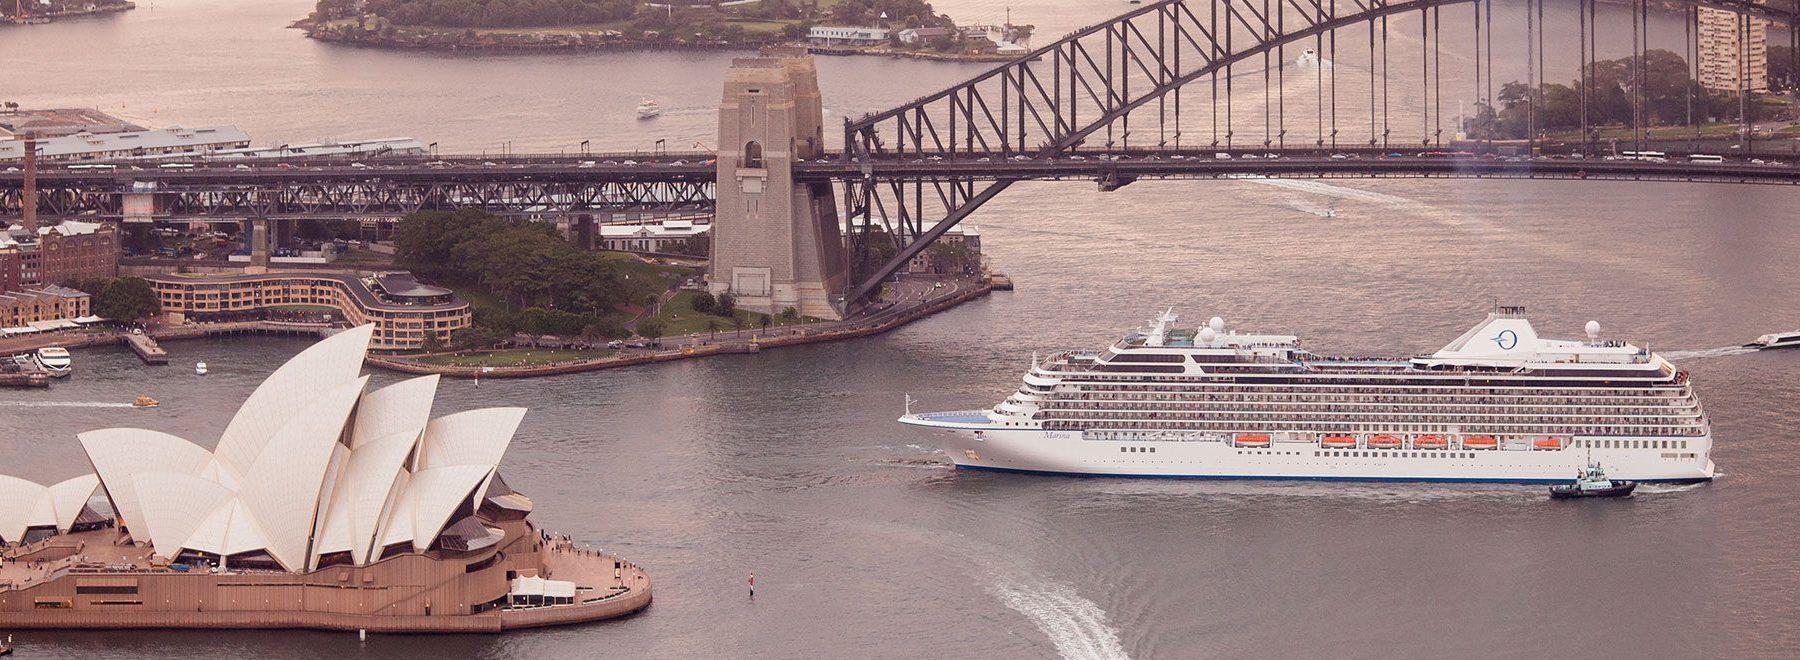 シドニーより出航するマリーナ